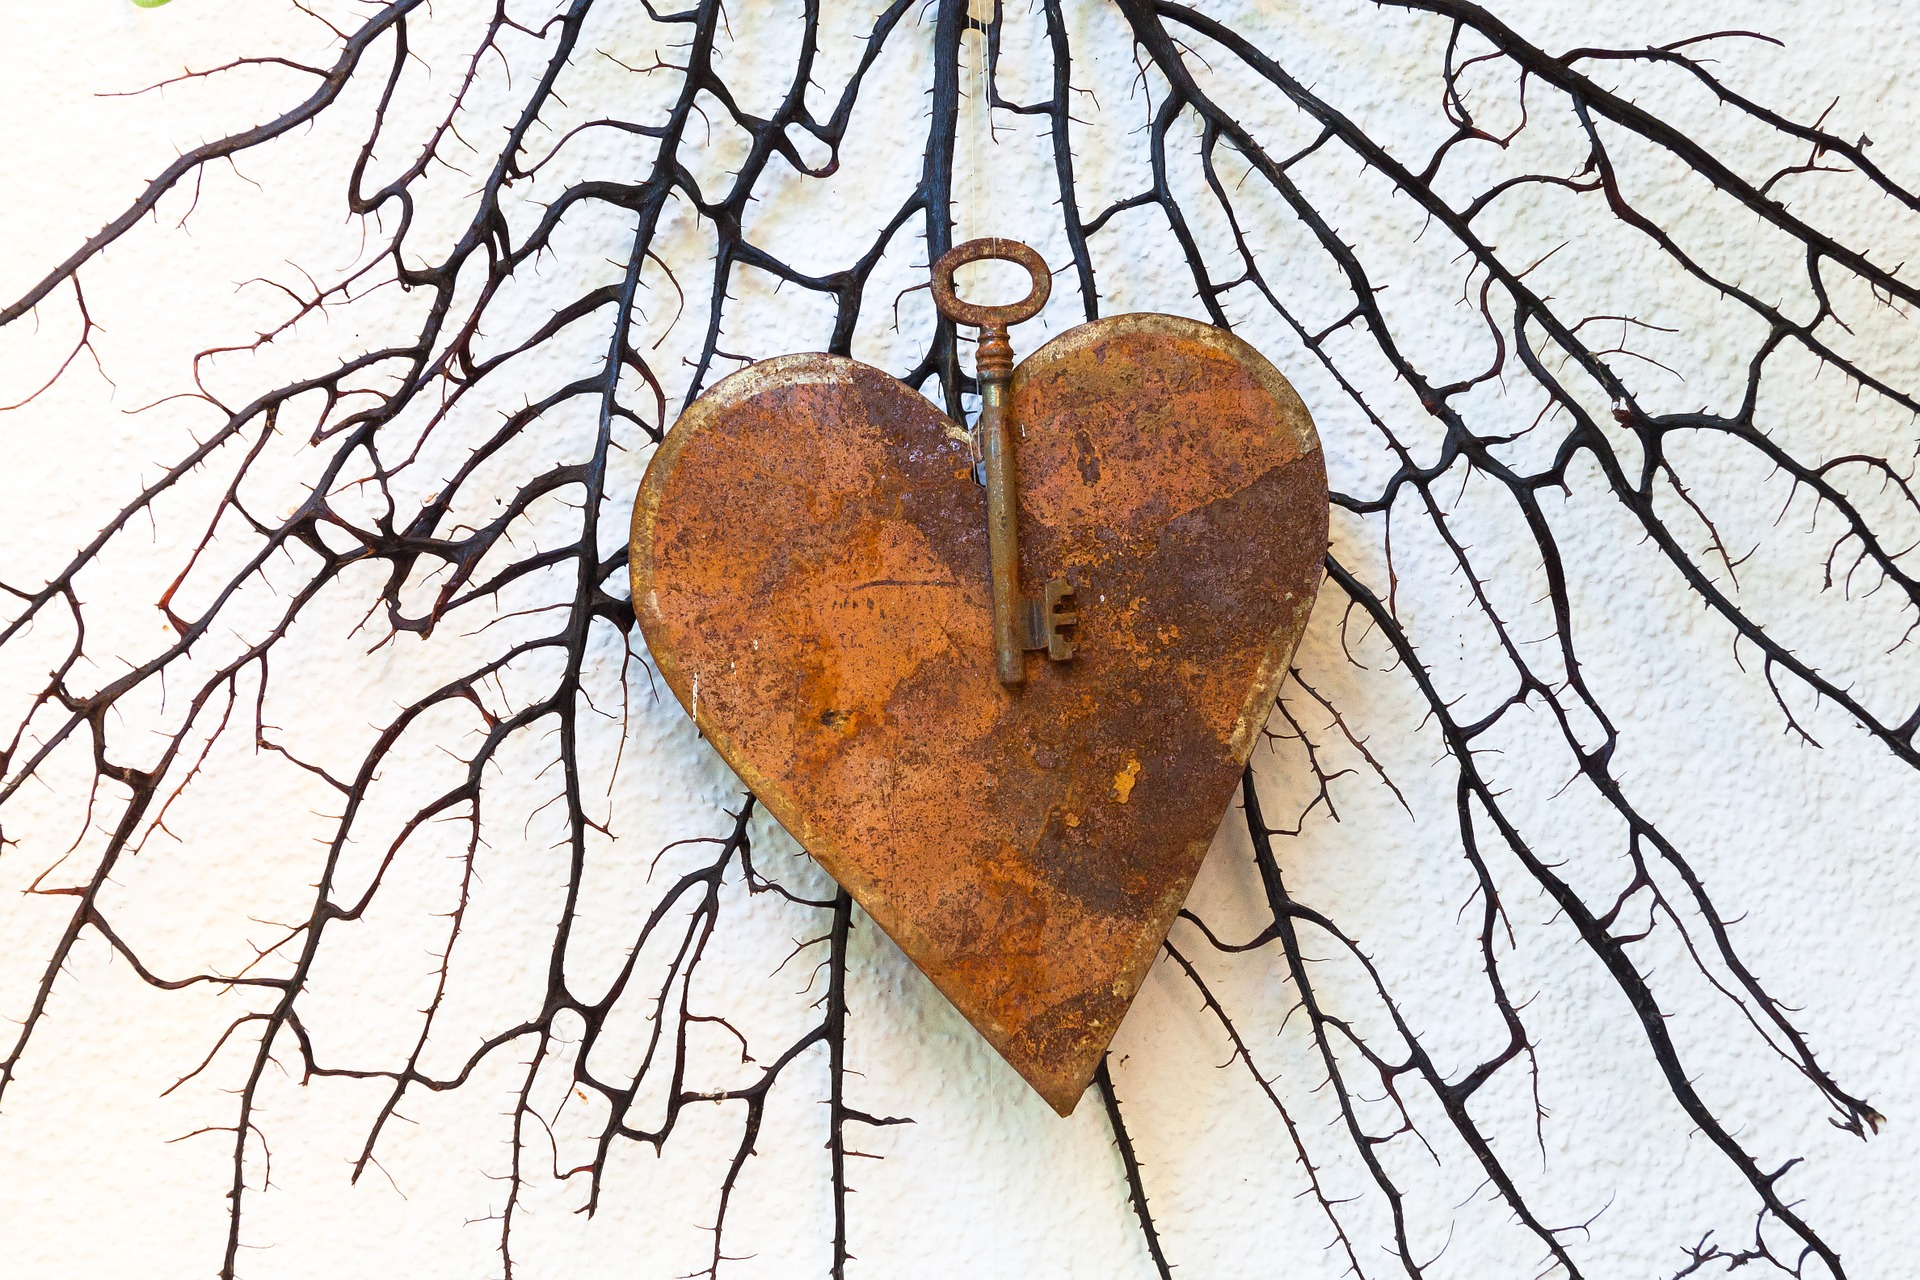 Innamorarsi e amare; una dissonanza cognitiva. Un cuore arrugginito e una chiave che non riesce ad aprirlo